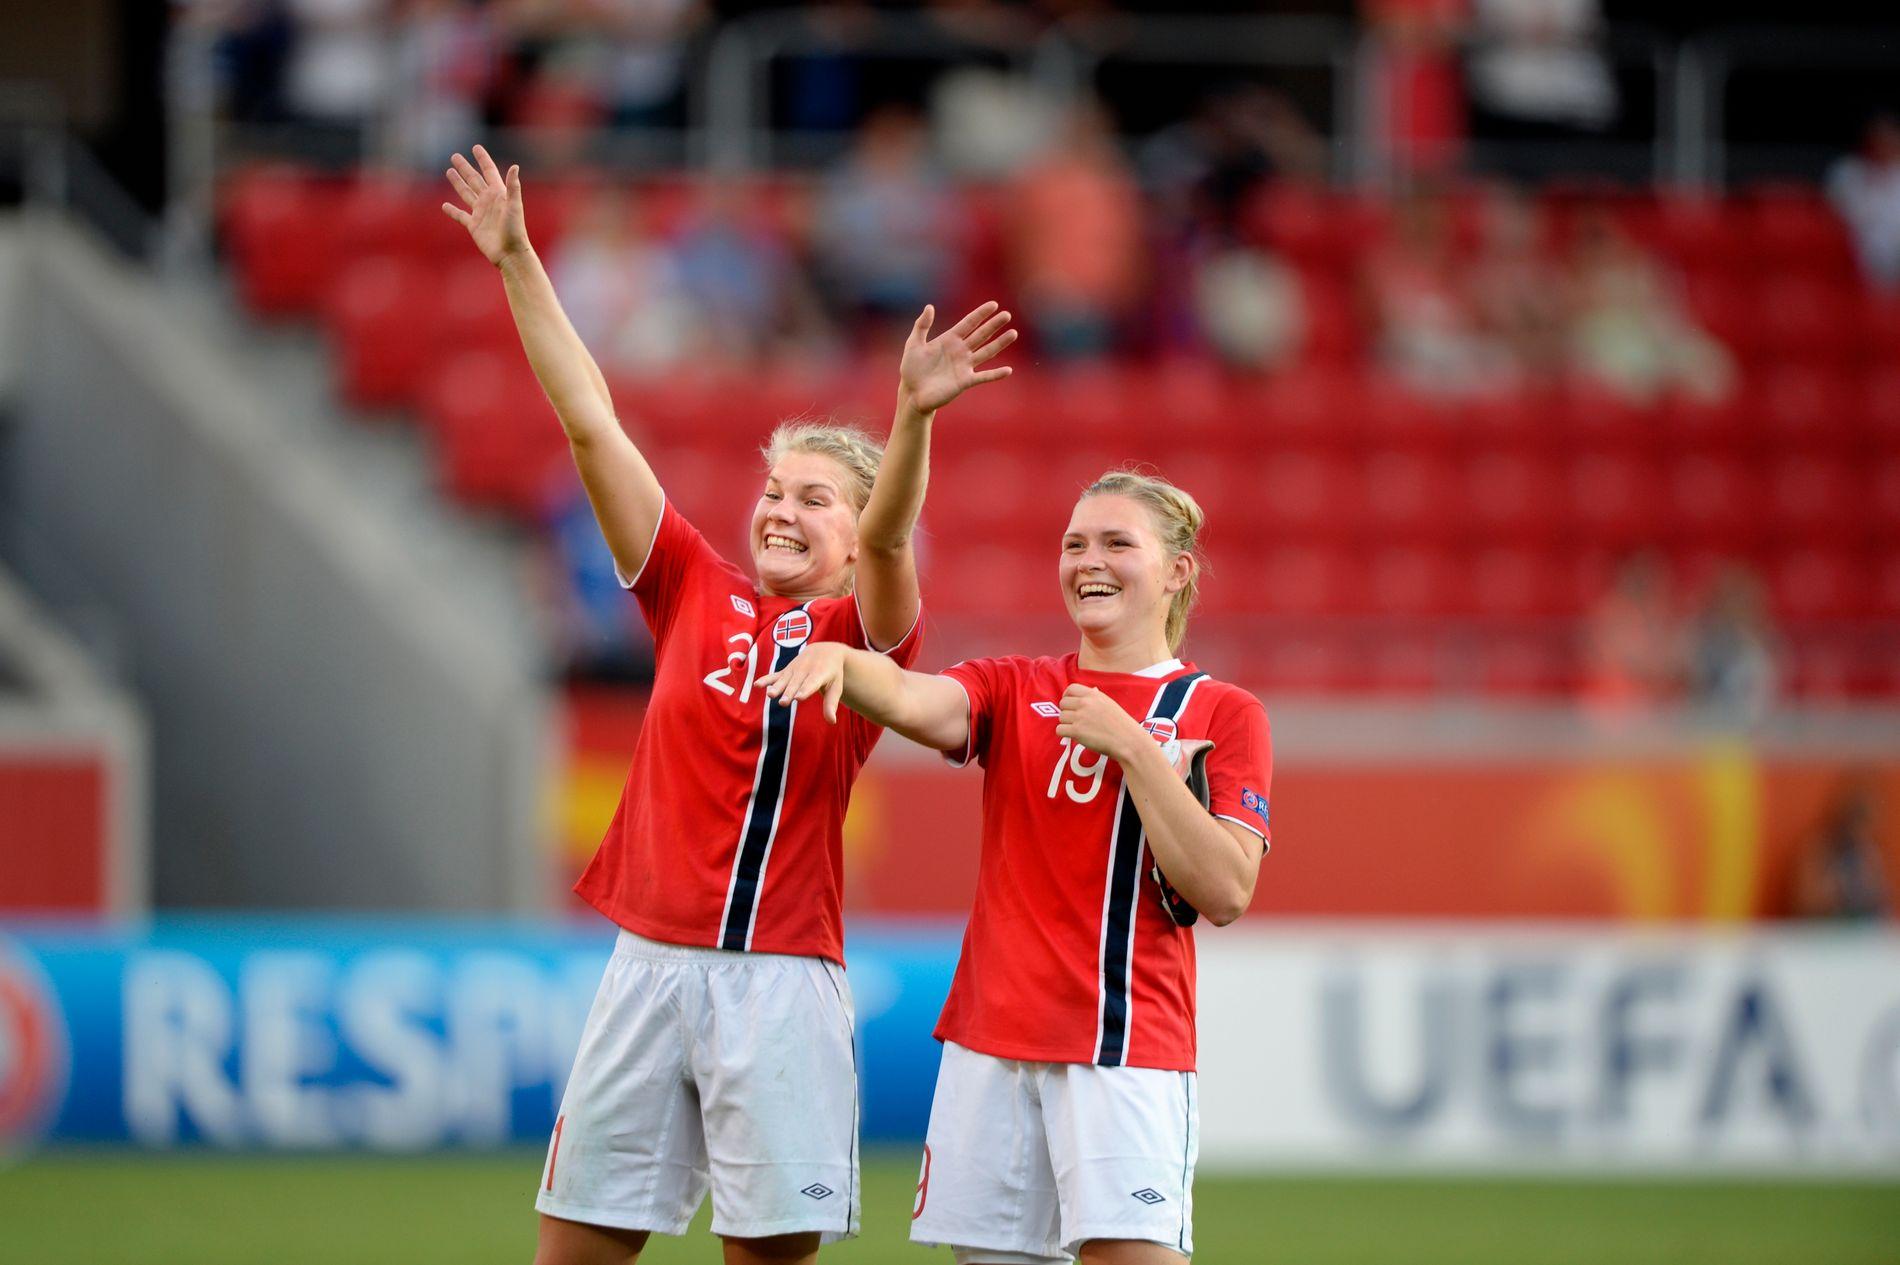 2013: Ada Hegerberg og Ingvild Isaksen jubler for seier mot Tyskland i EM i 2013. Siden har Hegerberg sagt nei til Norge, mens Isaksen har lagt opp.